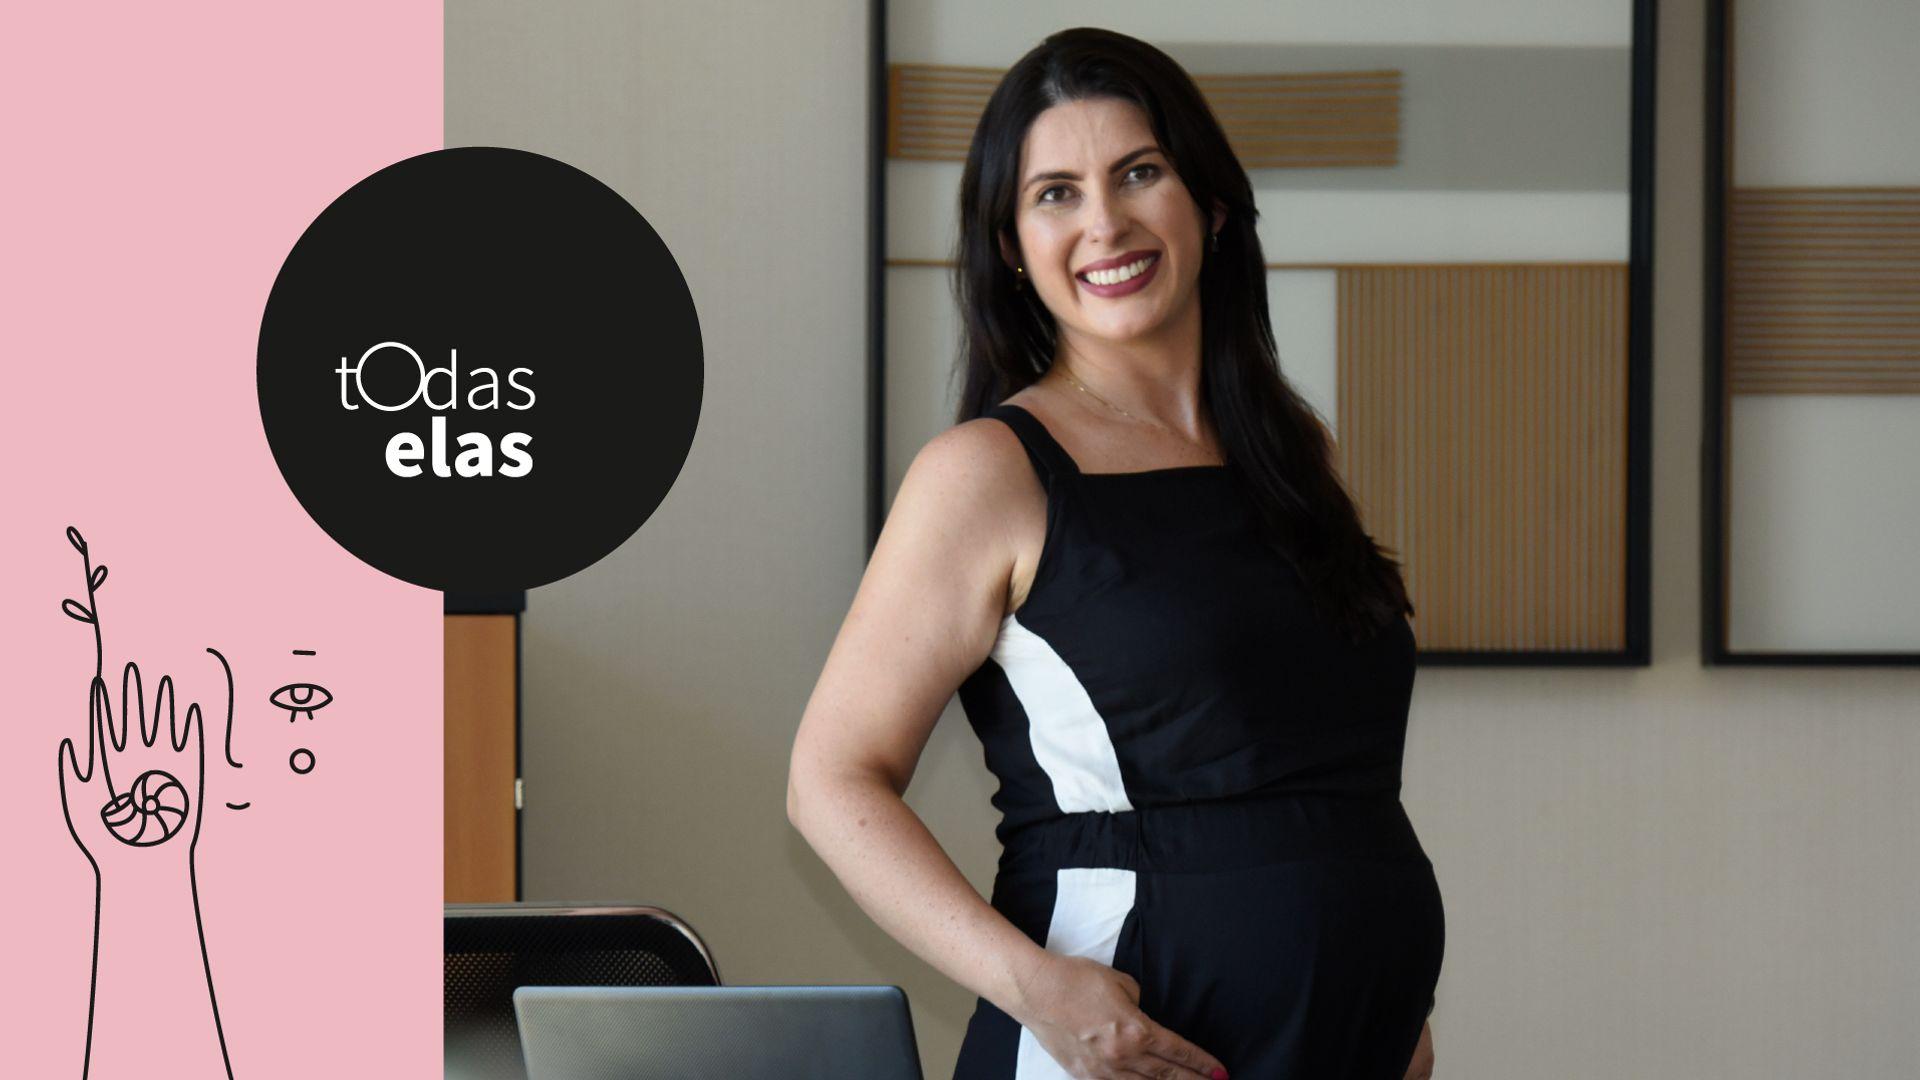 Francis Gome Ferrari, 37 anos, grávida de oito meses. Francis foi contratada como executiva de uma distribuidora de medicamentos quando estava no início da gestação